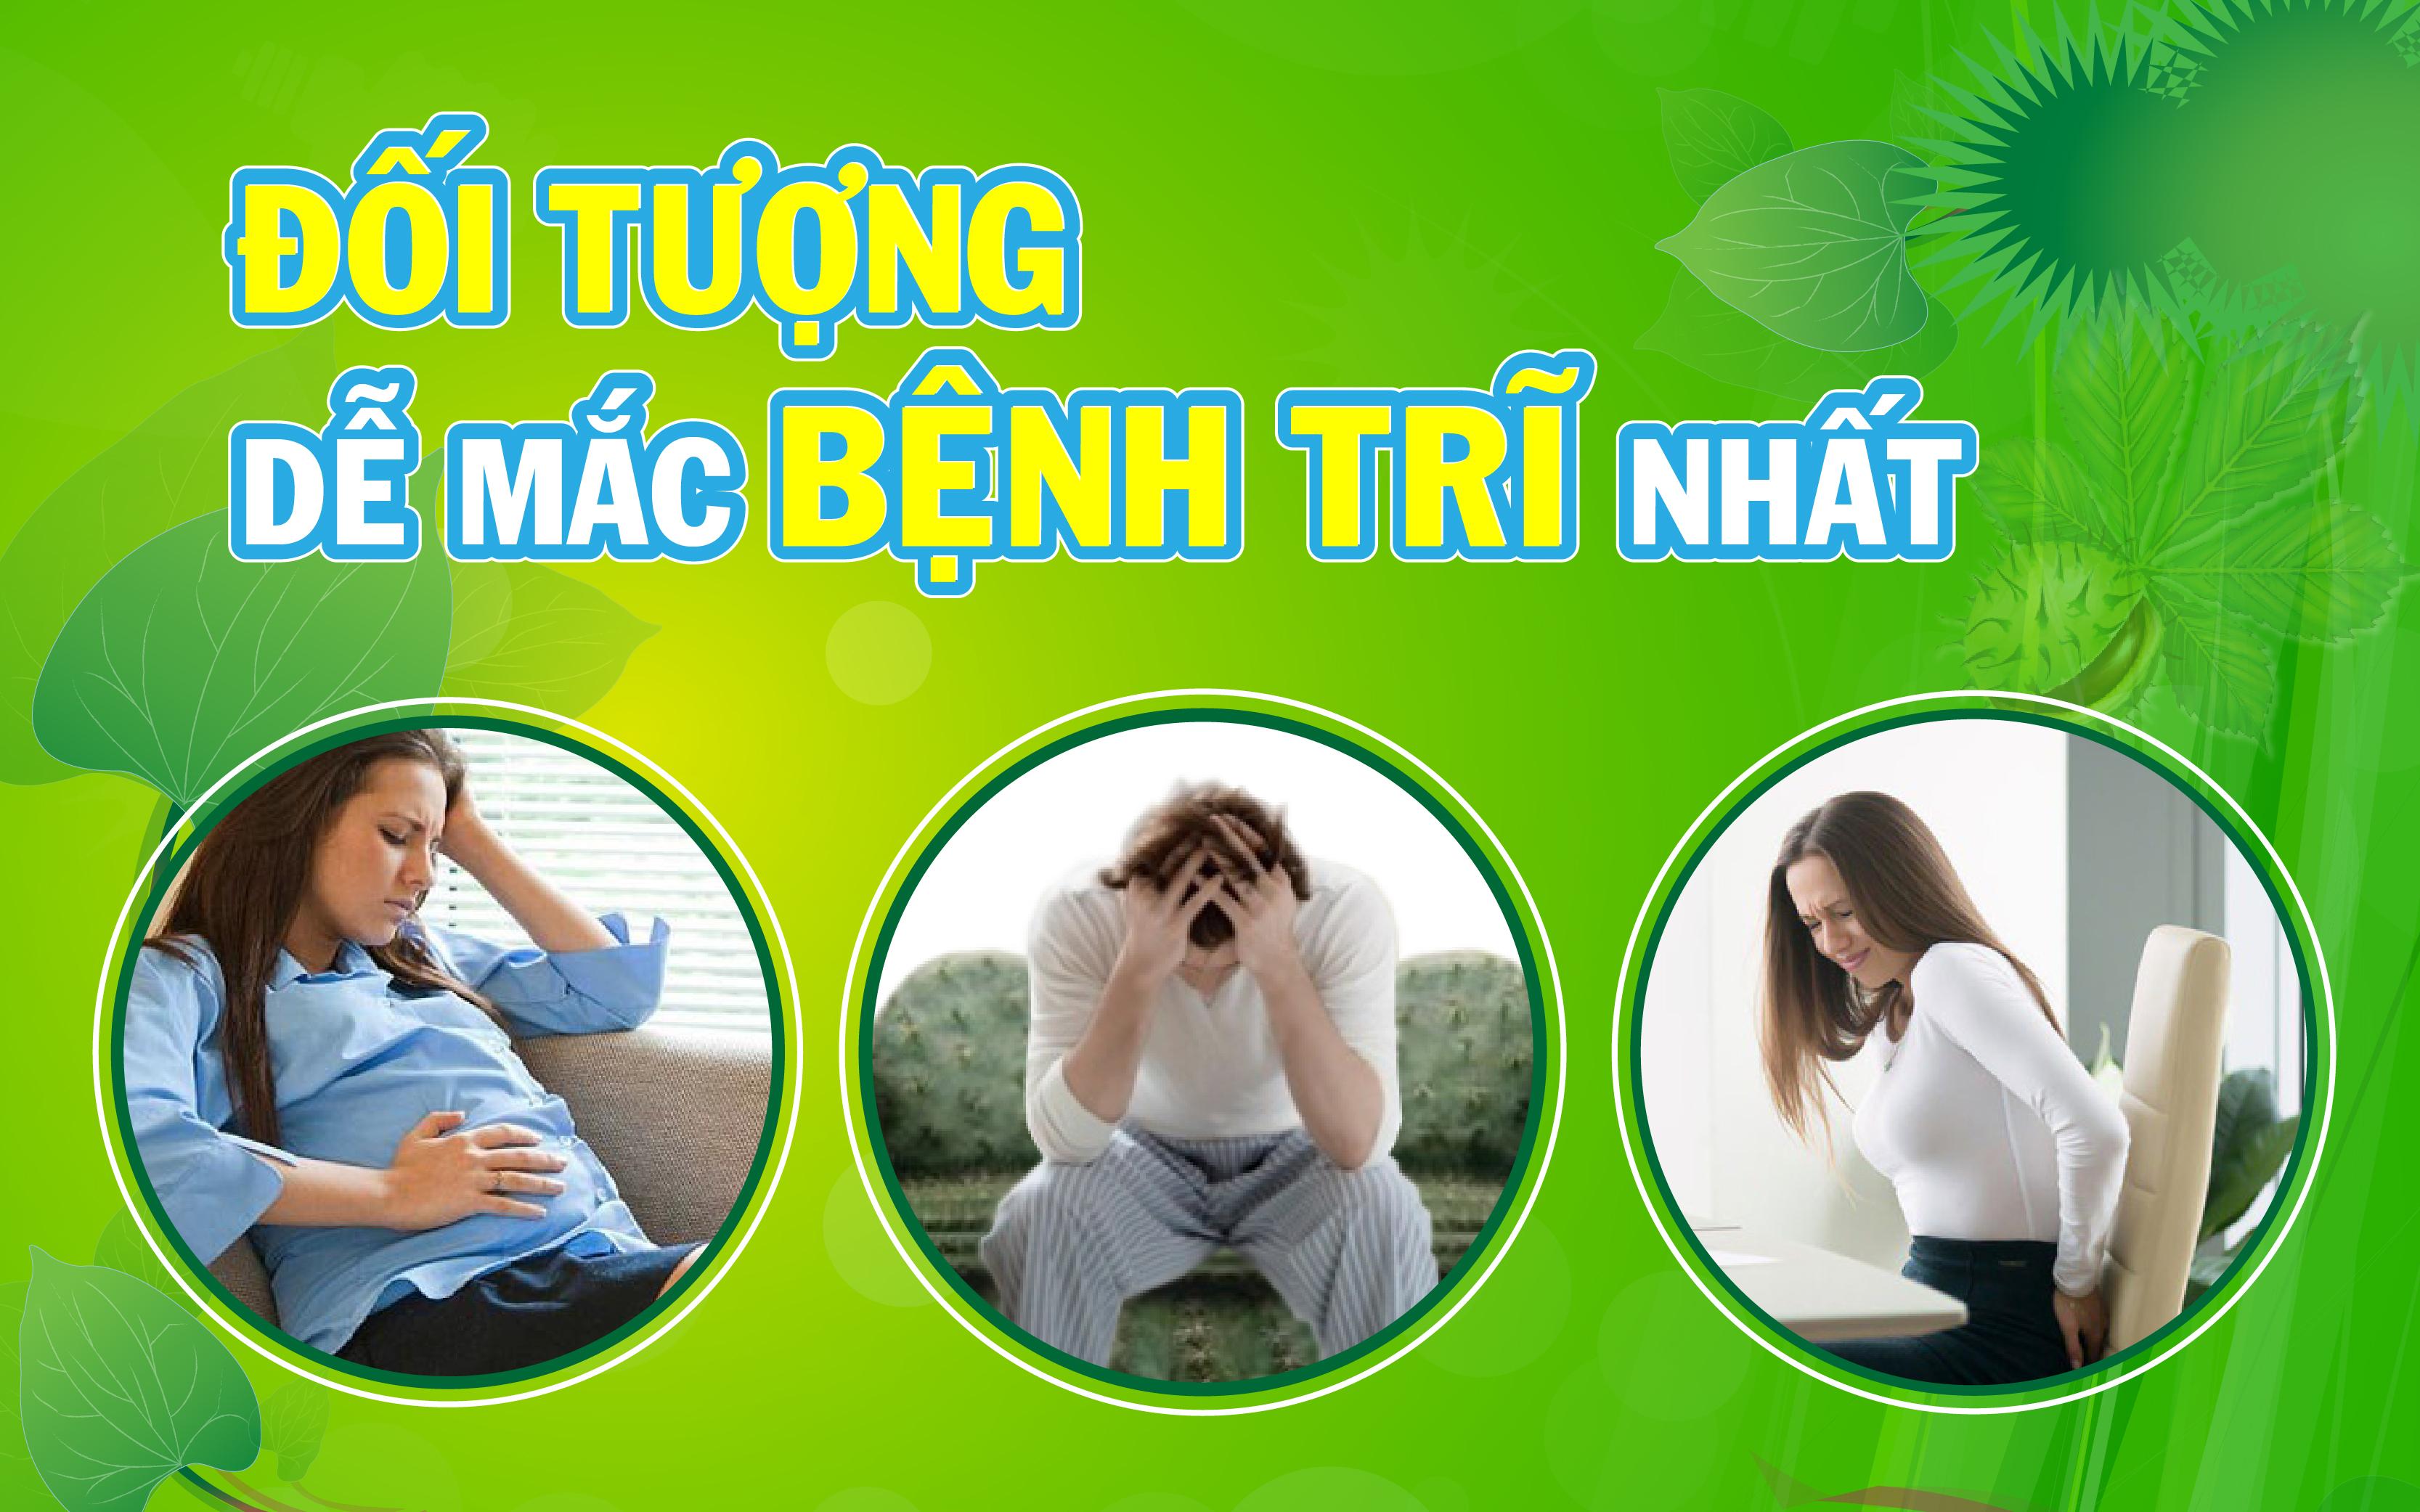 doi-tuong-de-mac-benh-tri-nhat